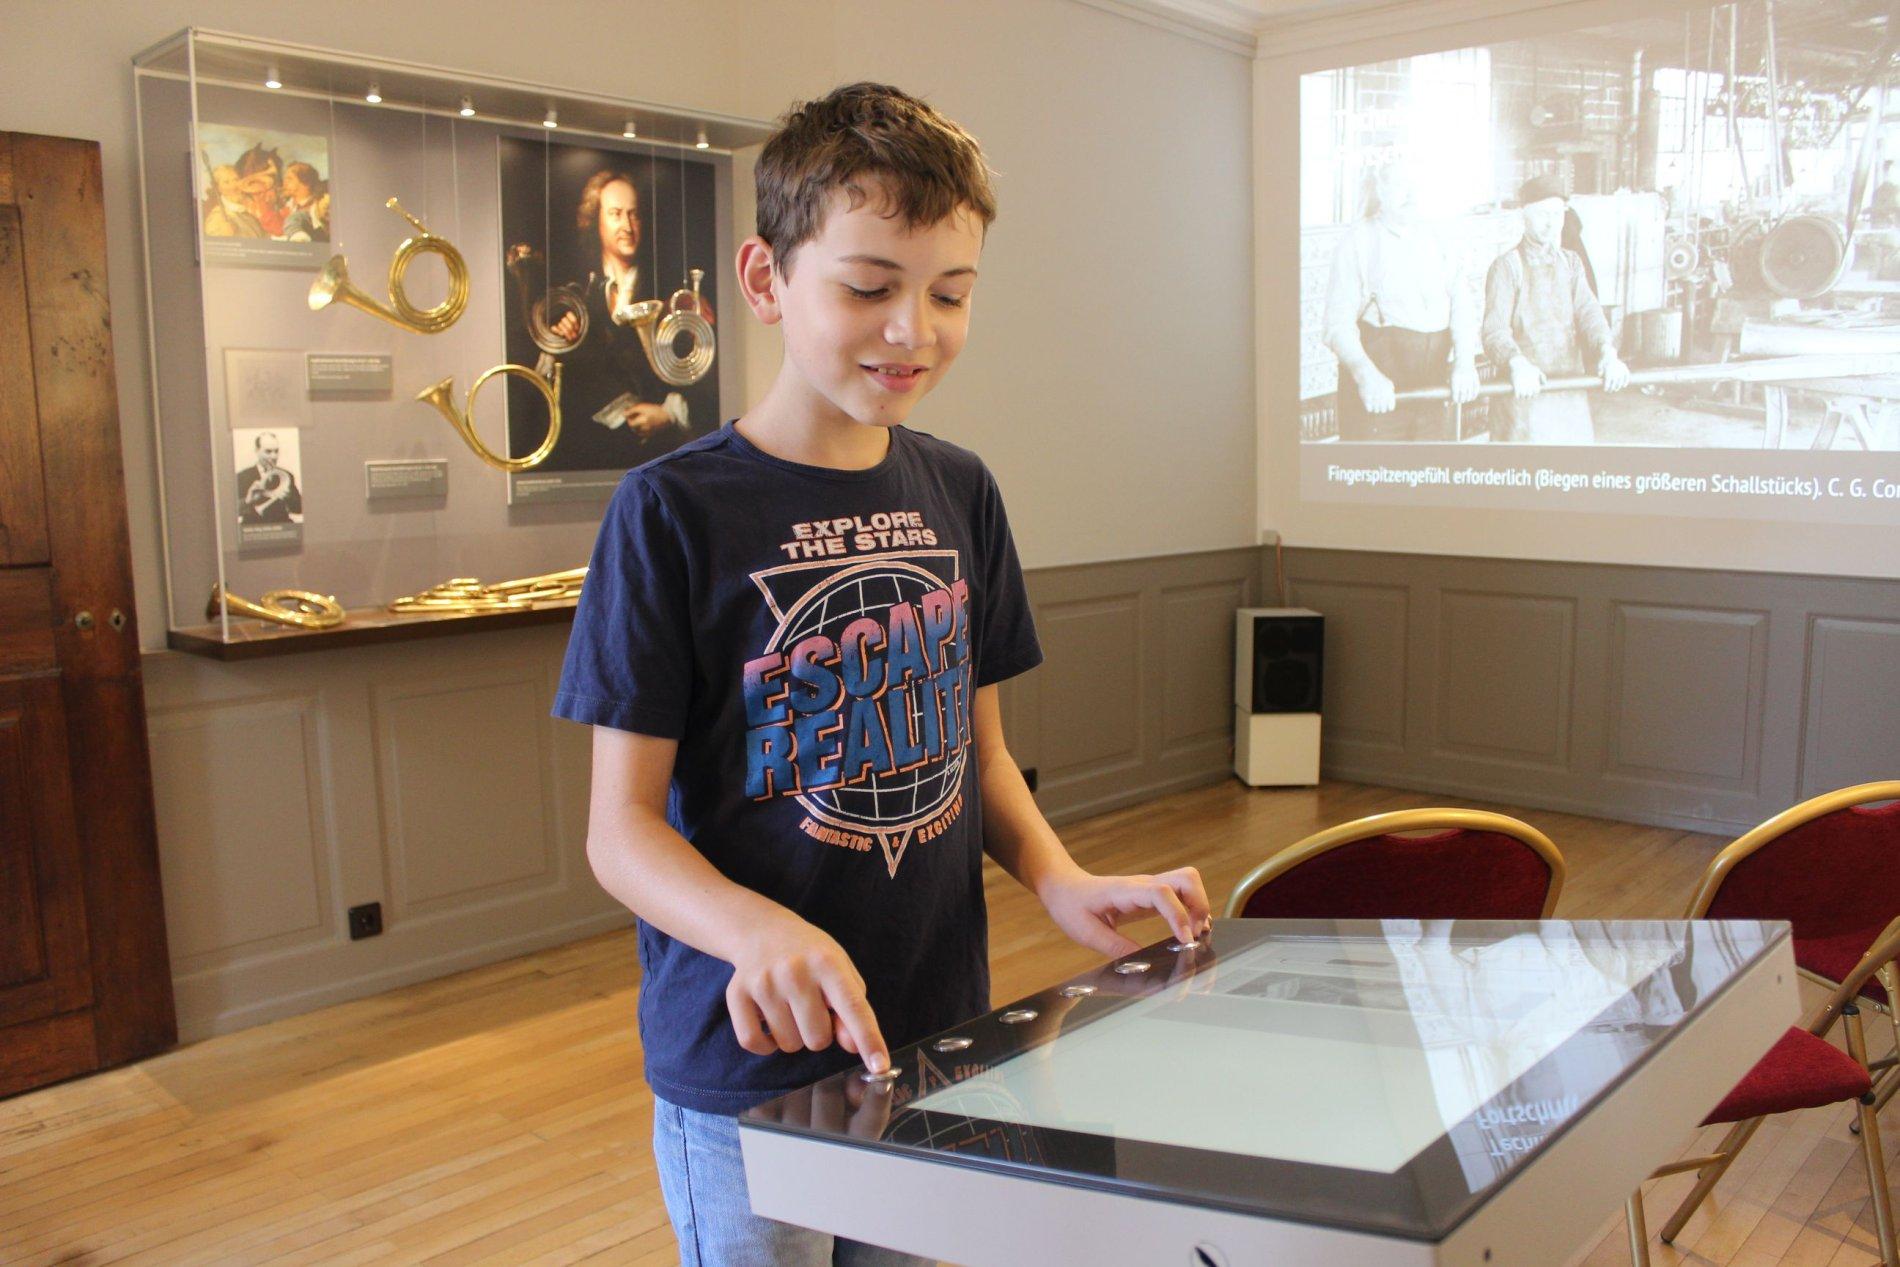 Interaktive Mitmachstation in der Trompetenabteilung des Hochrheinmuseum Schloss Schönau